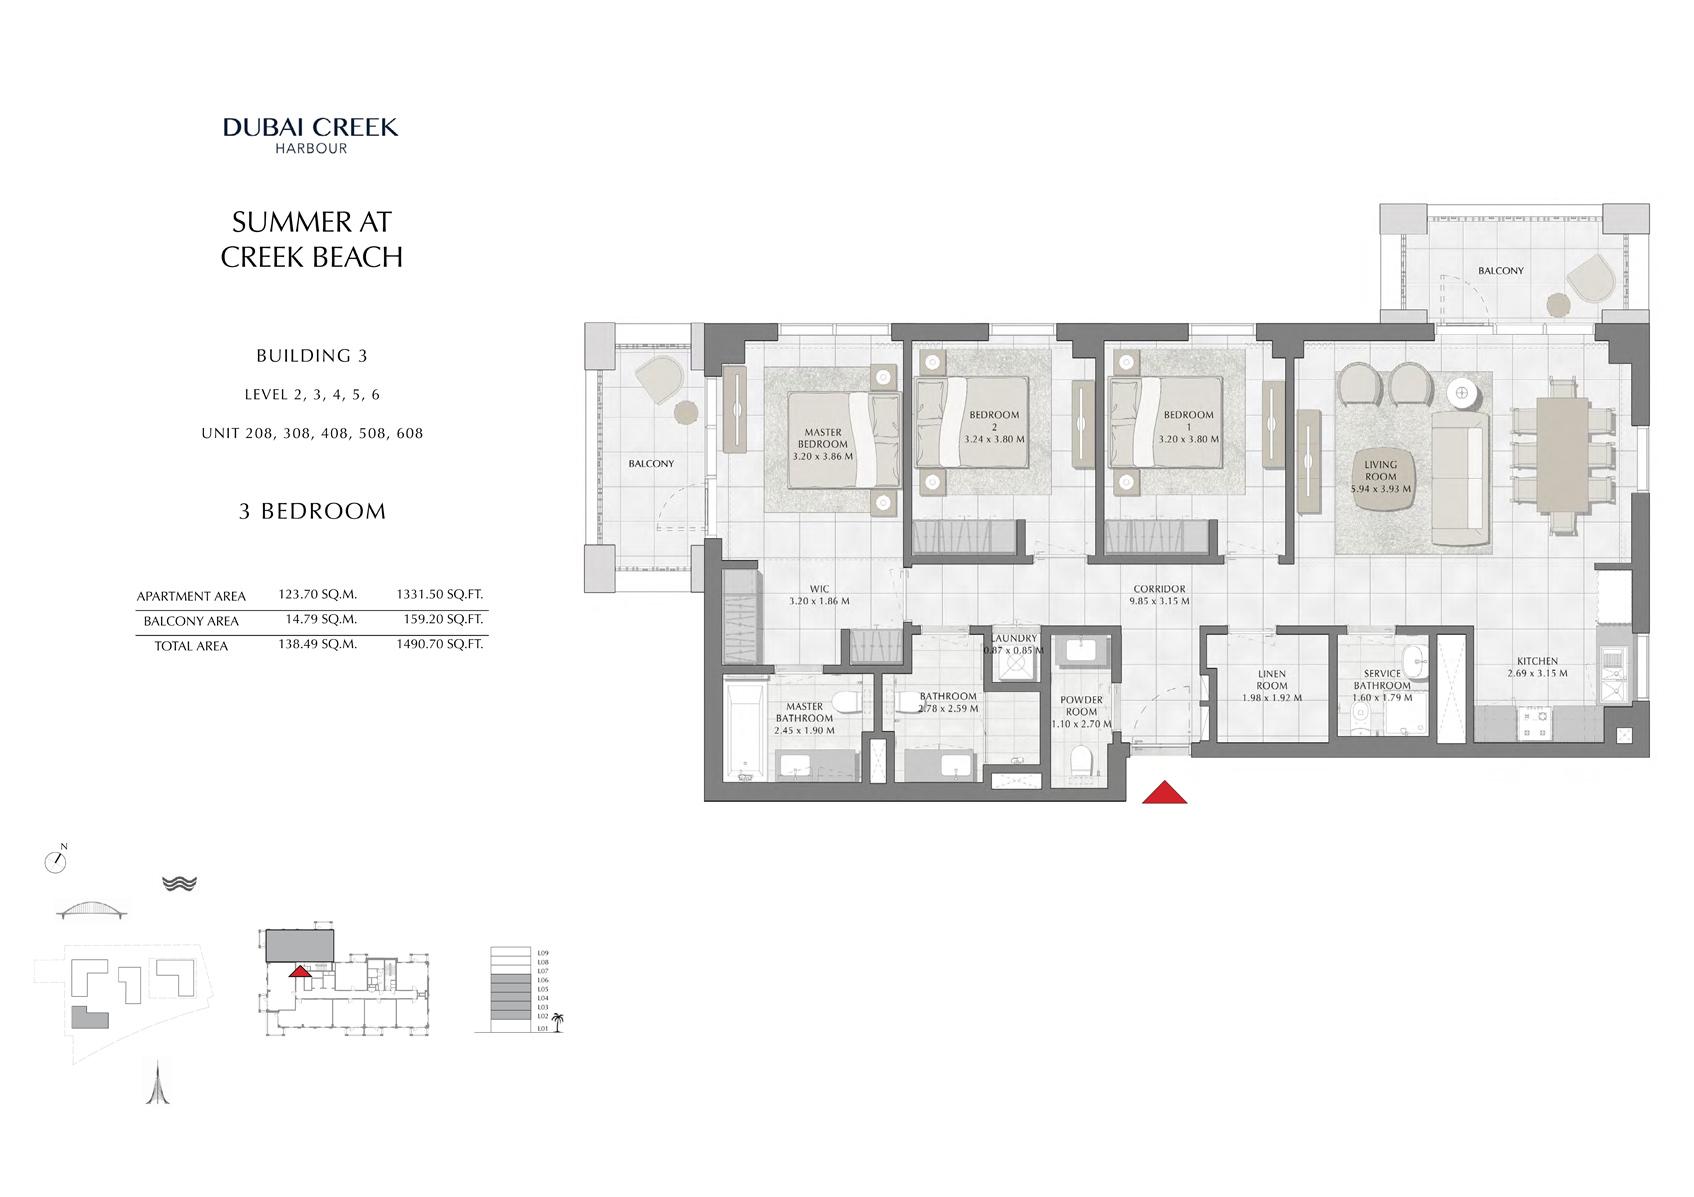 3 Br Building 3 Level-2-3-4-5-6 Unit-208-308-408-508-608, Size 1490 Sq Ft